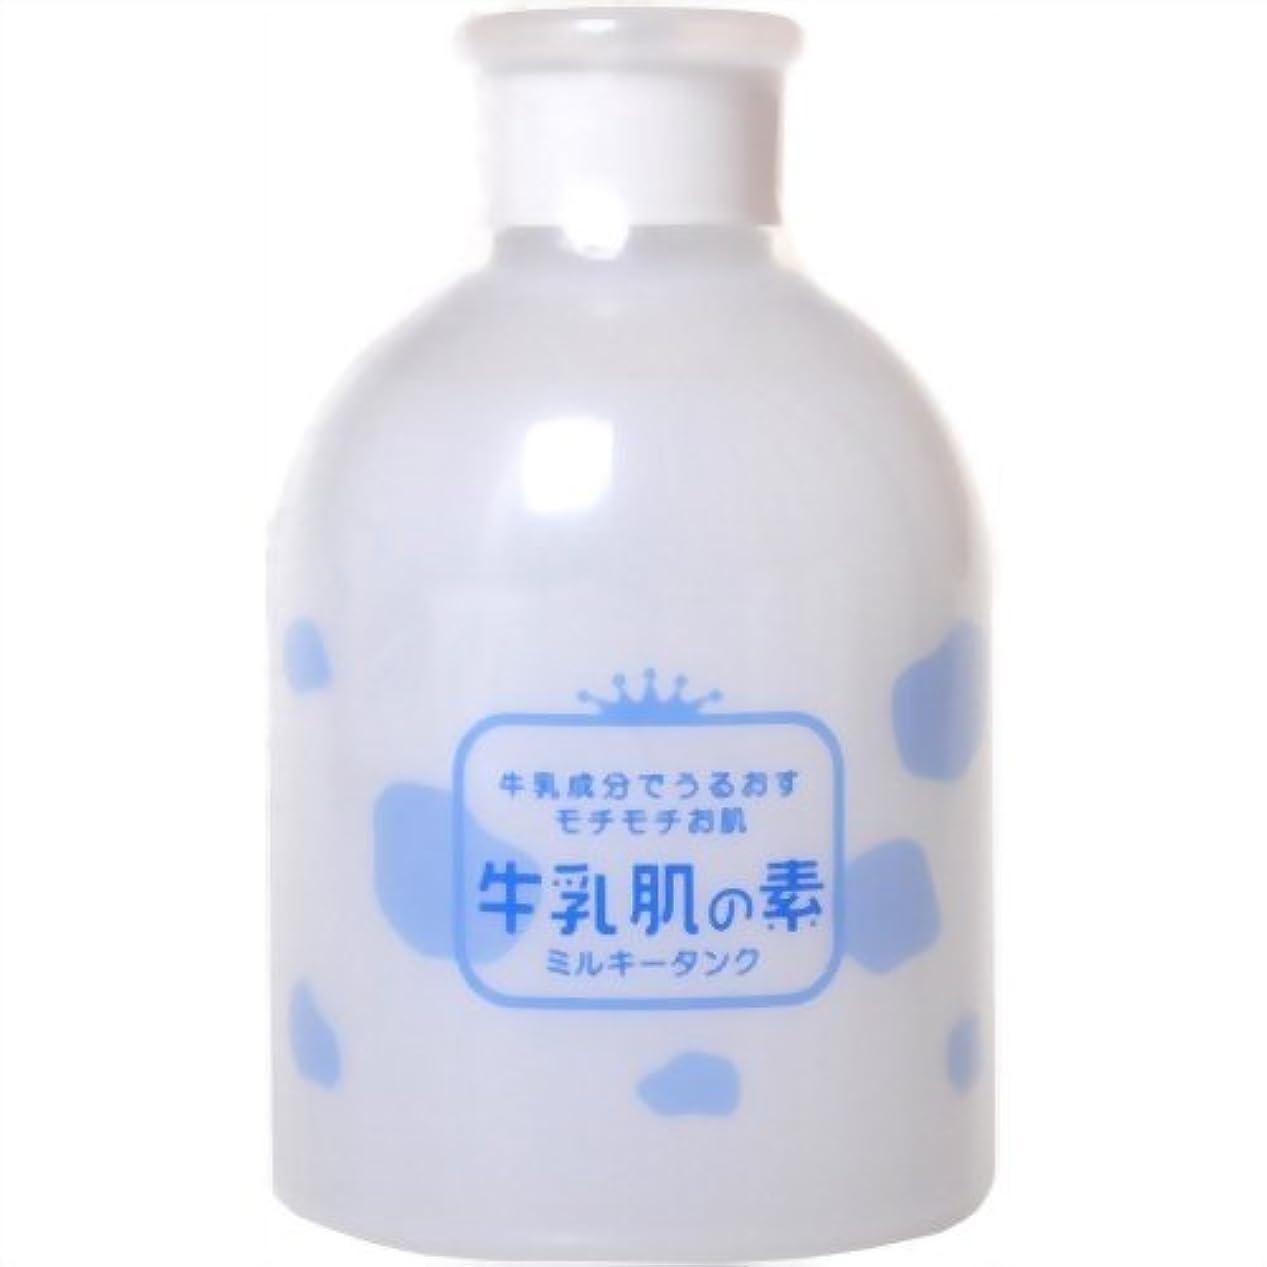 異形もっともらしい世辞牛乳肌の素 ミルキータンク(化粧水) 300ml